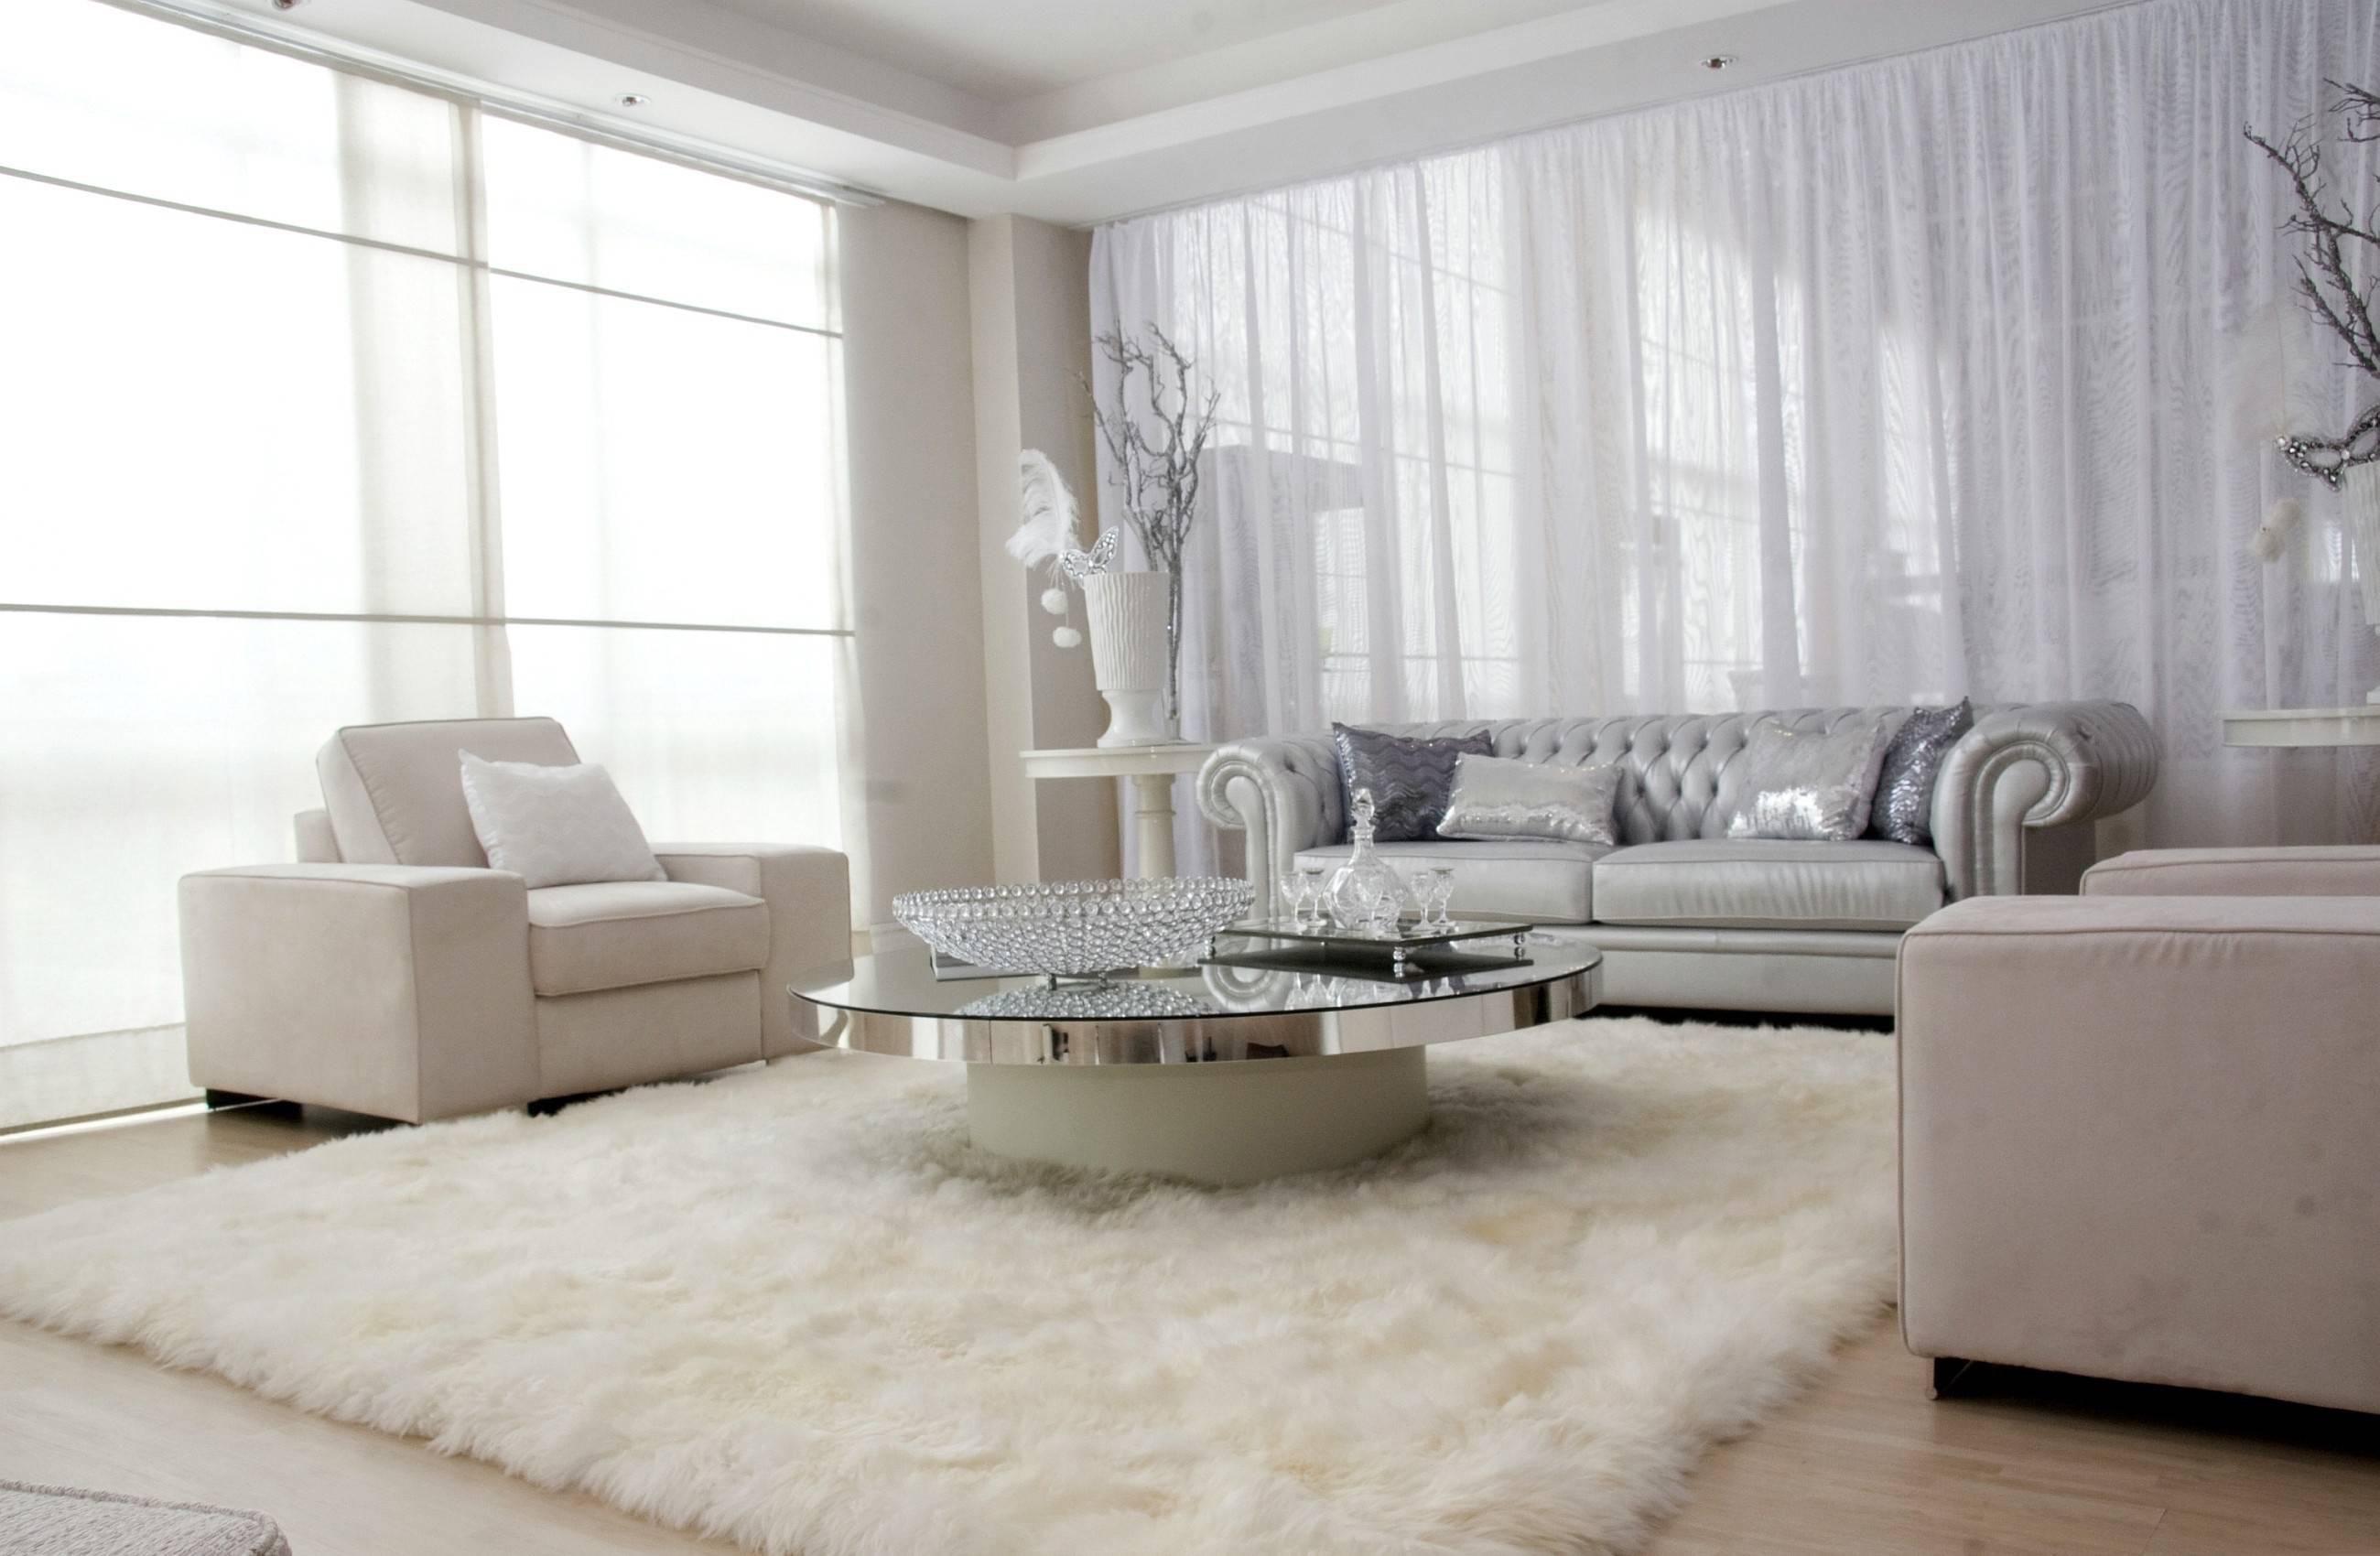 tooscarpet، فرش ماشینی برای جهیزیه، فرش توس مشهد